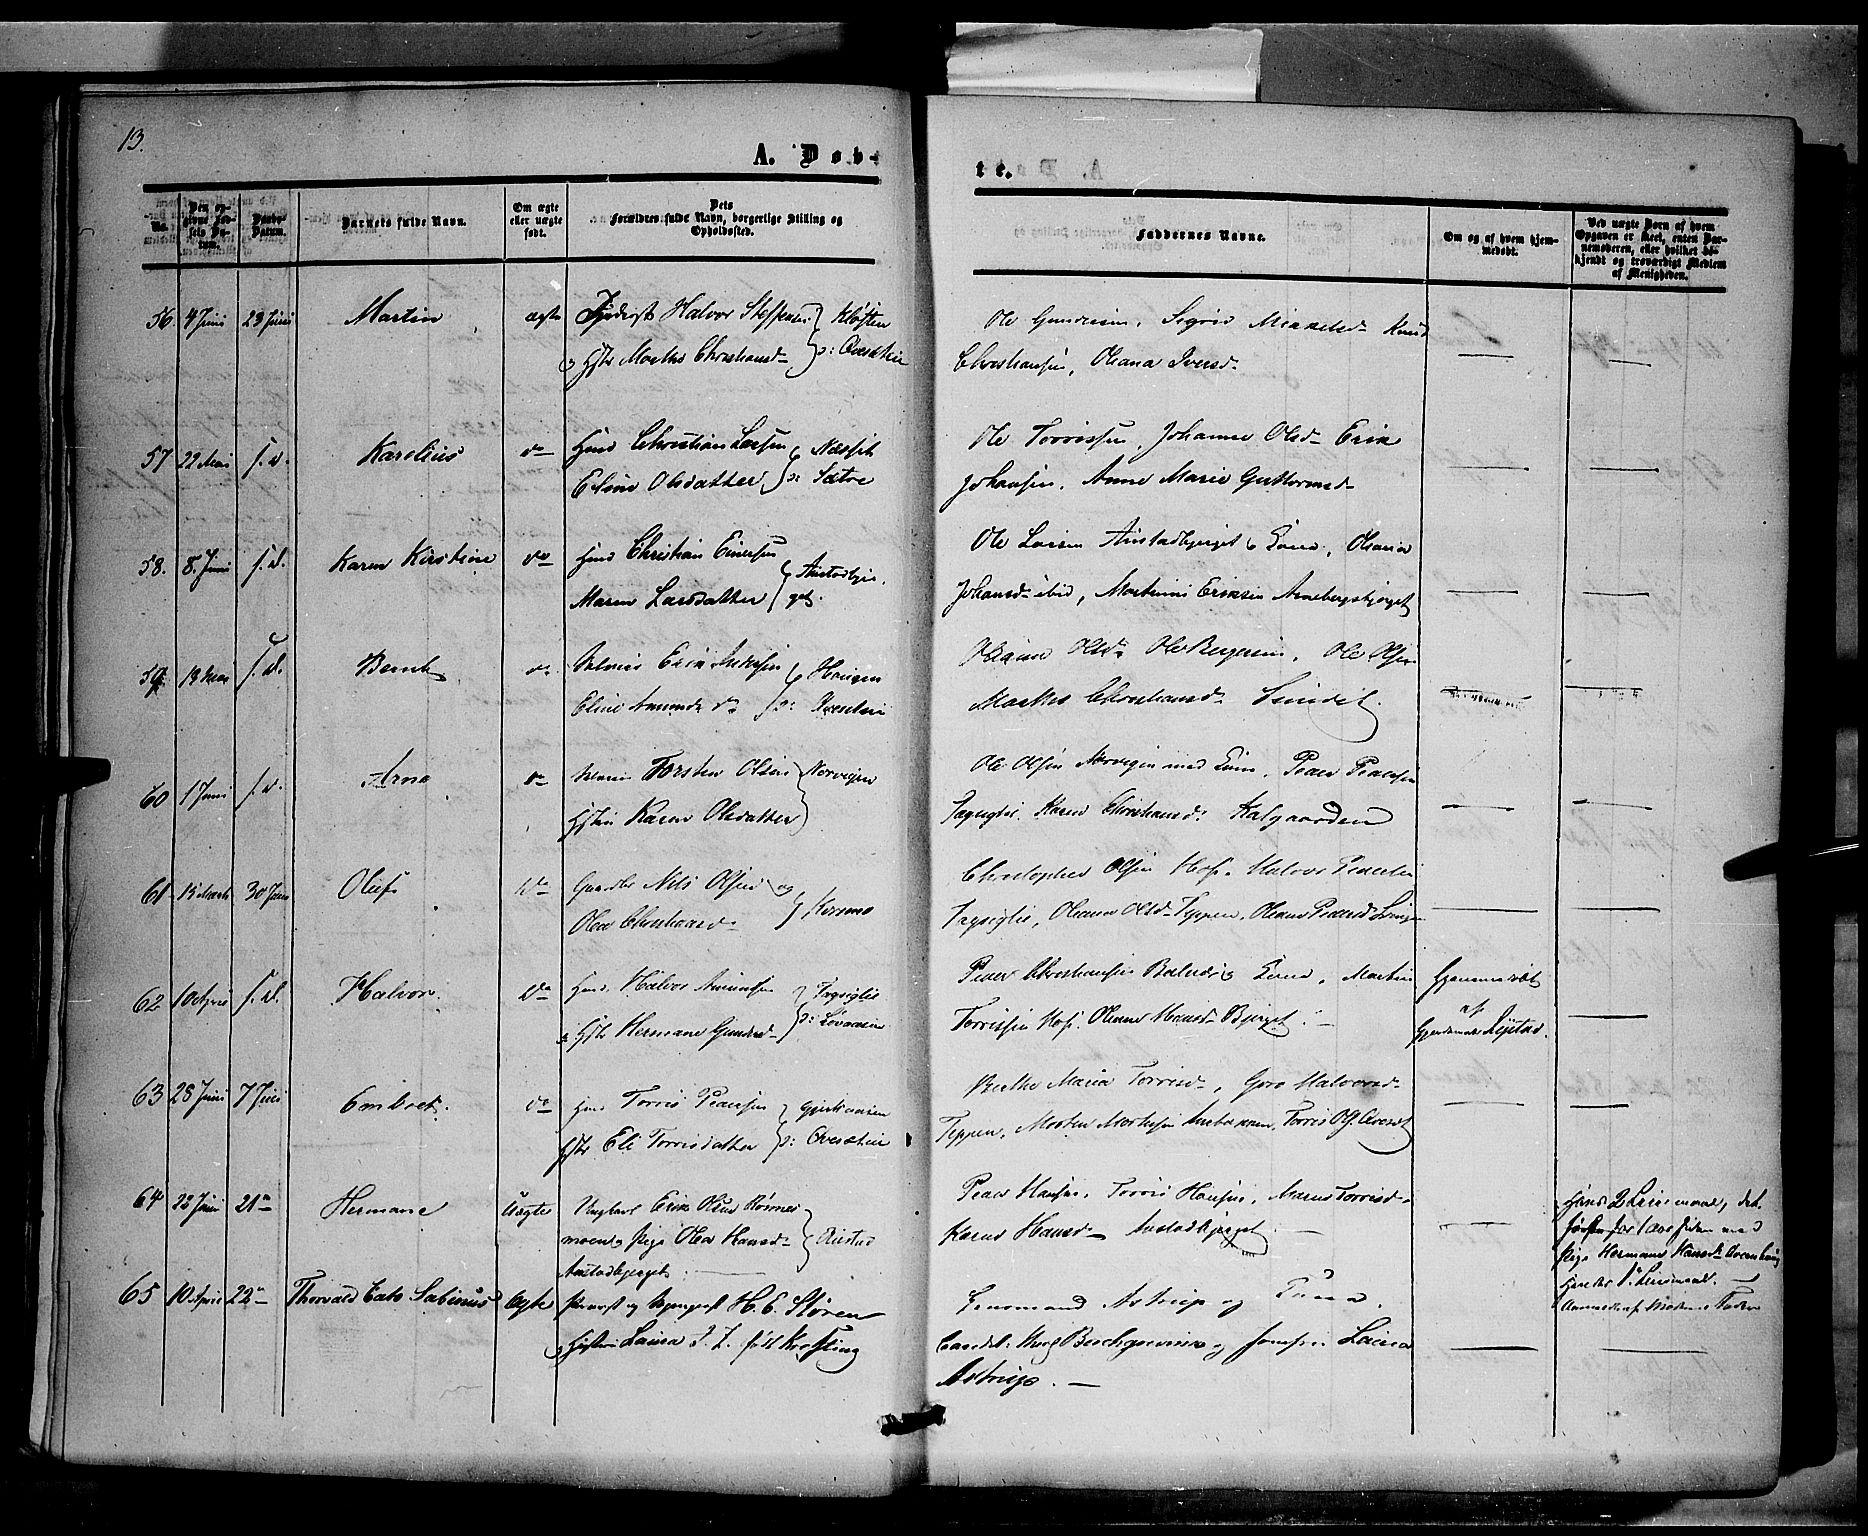 SAH, Hof prestekontor, Ministerialbok nr. 8, 1849-1861, s. 13